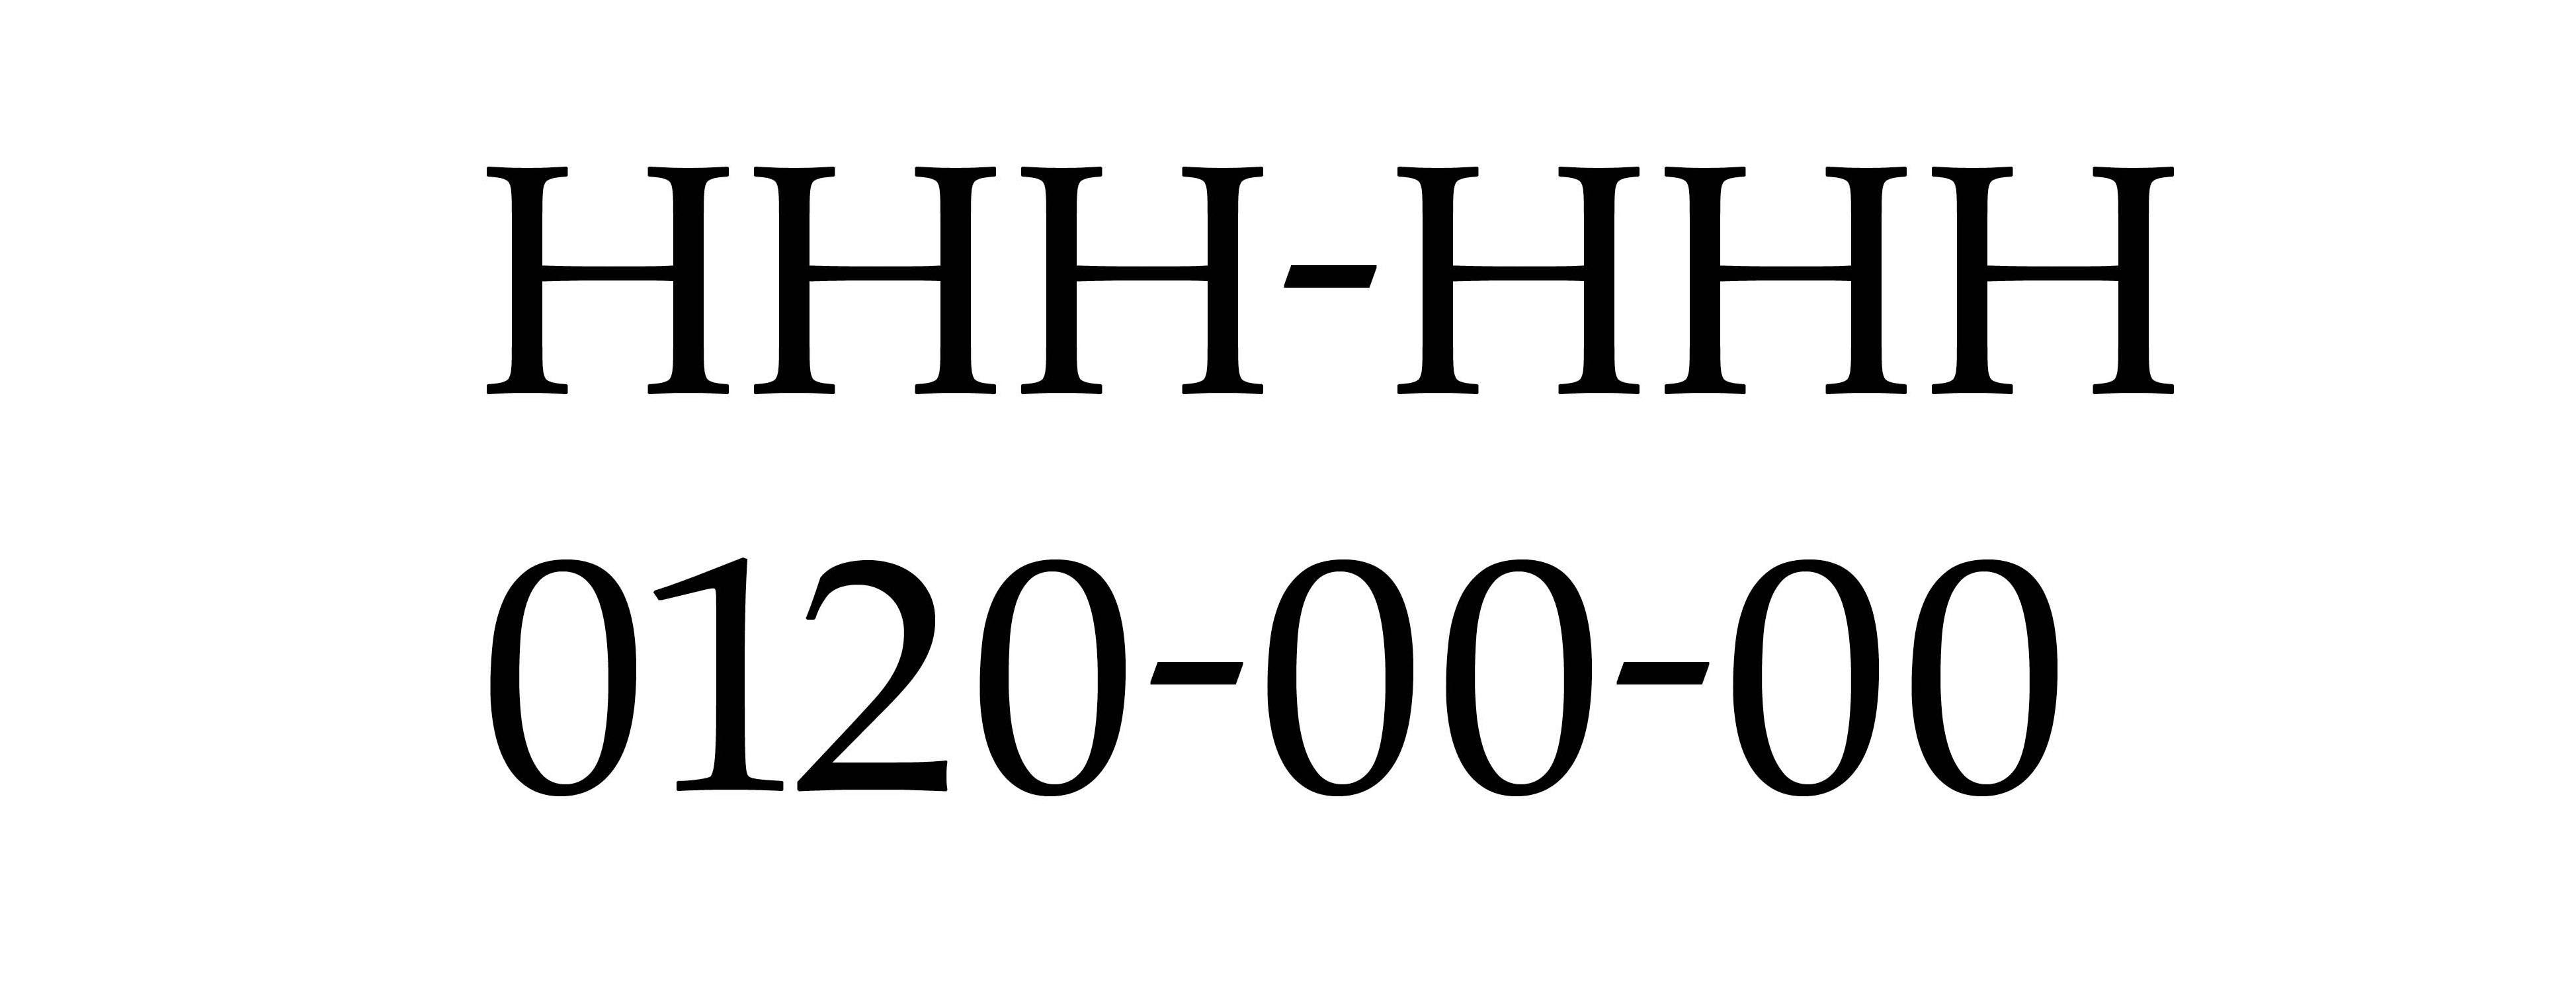 大文字用ハイフンやダーシを持ったフォント_e0175918_1454947.jpg